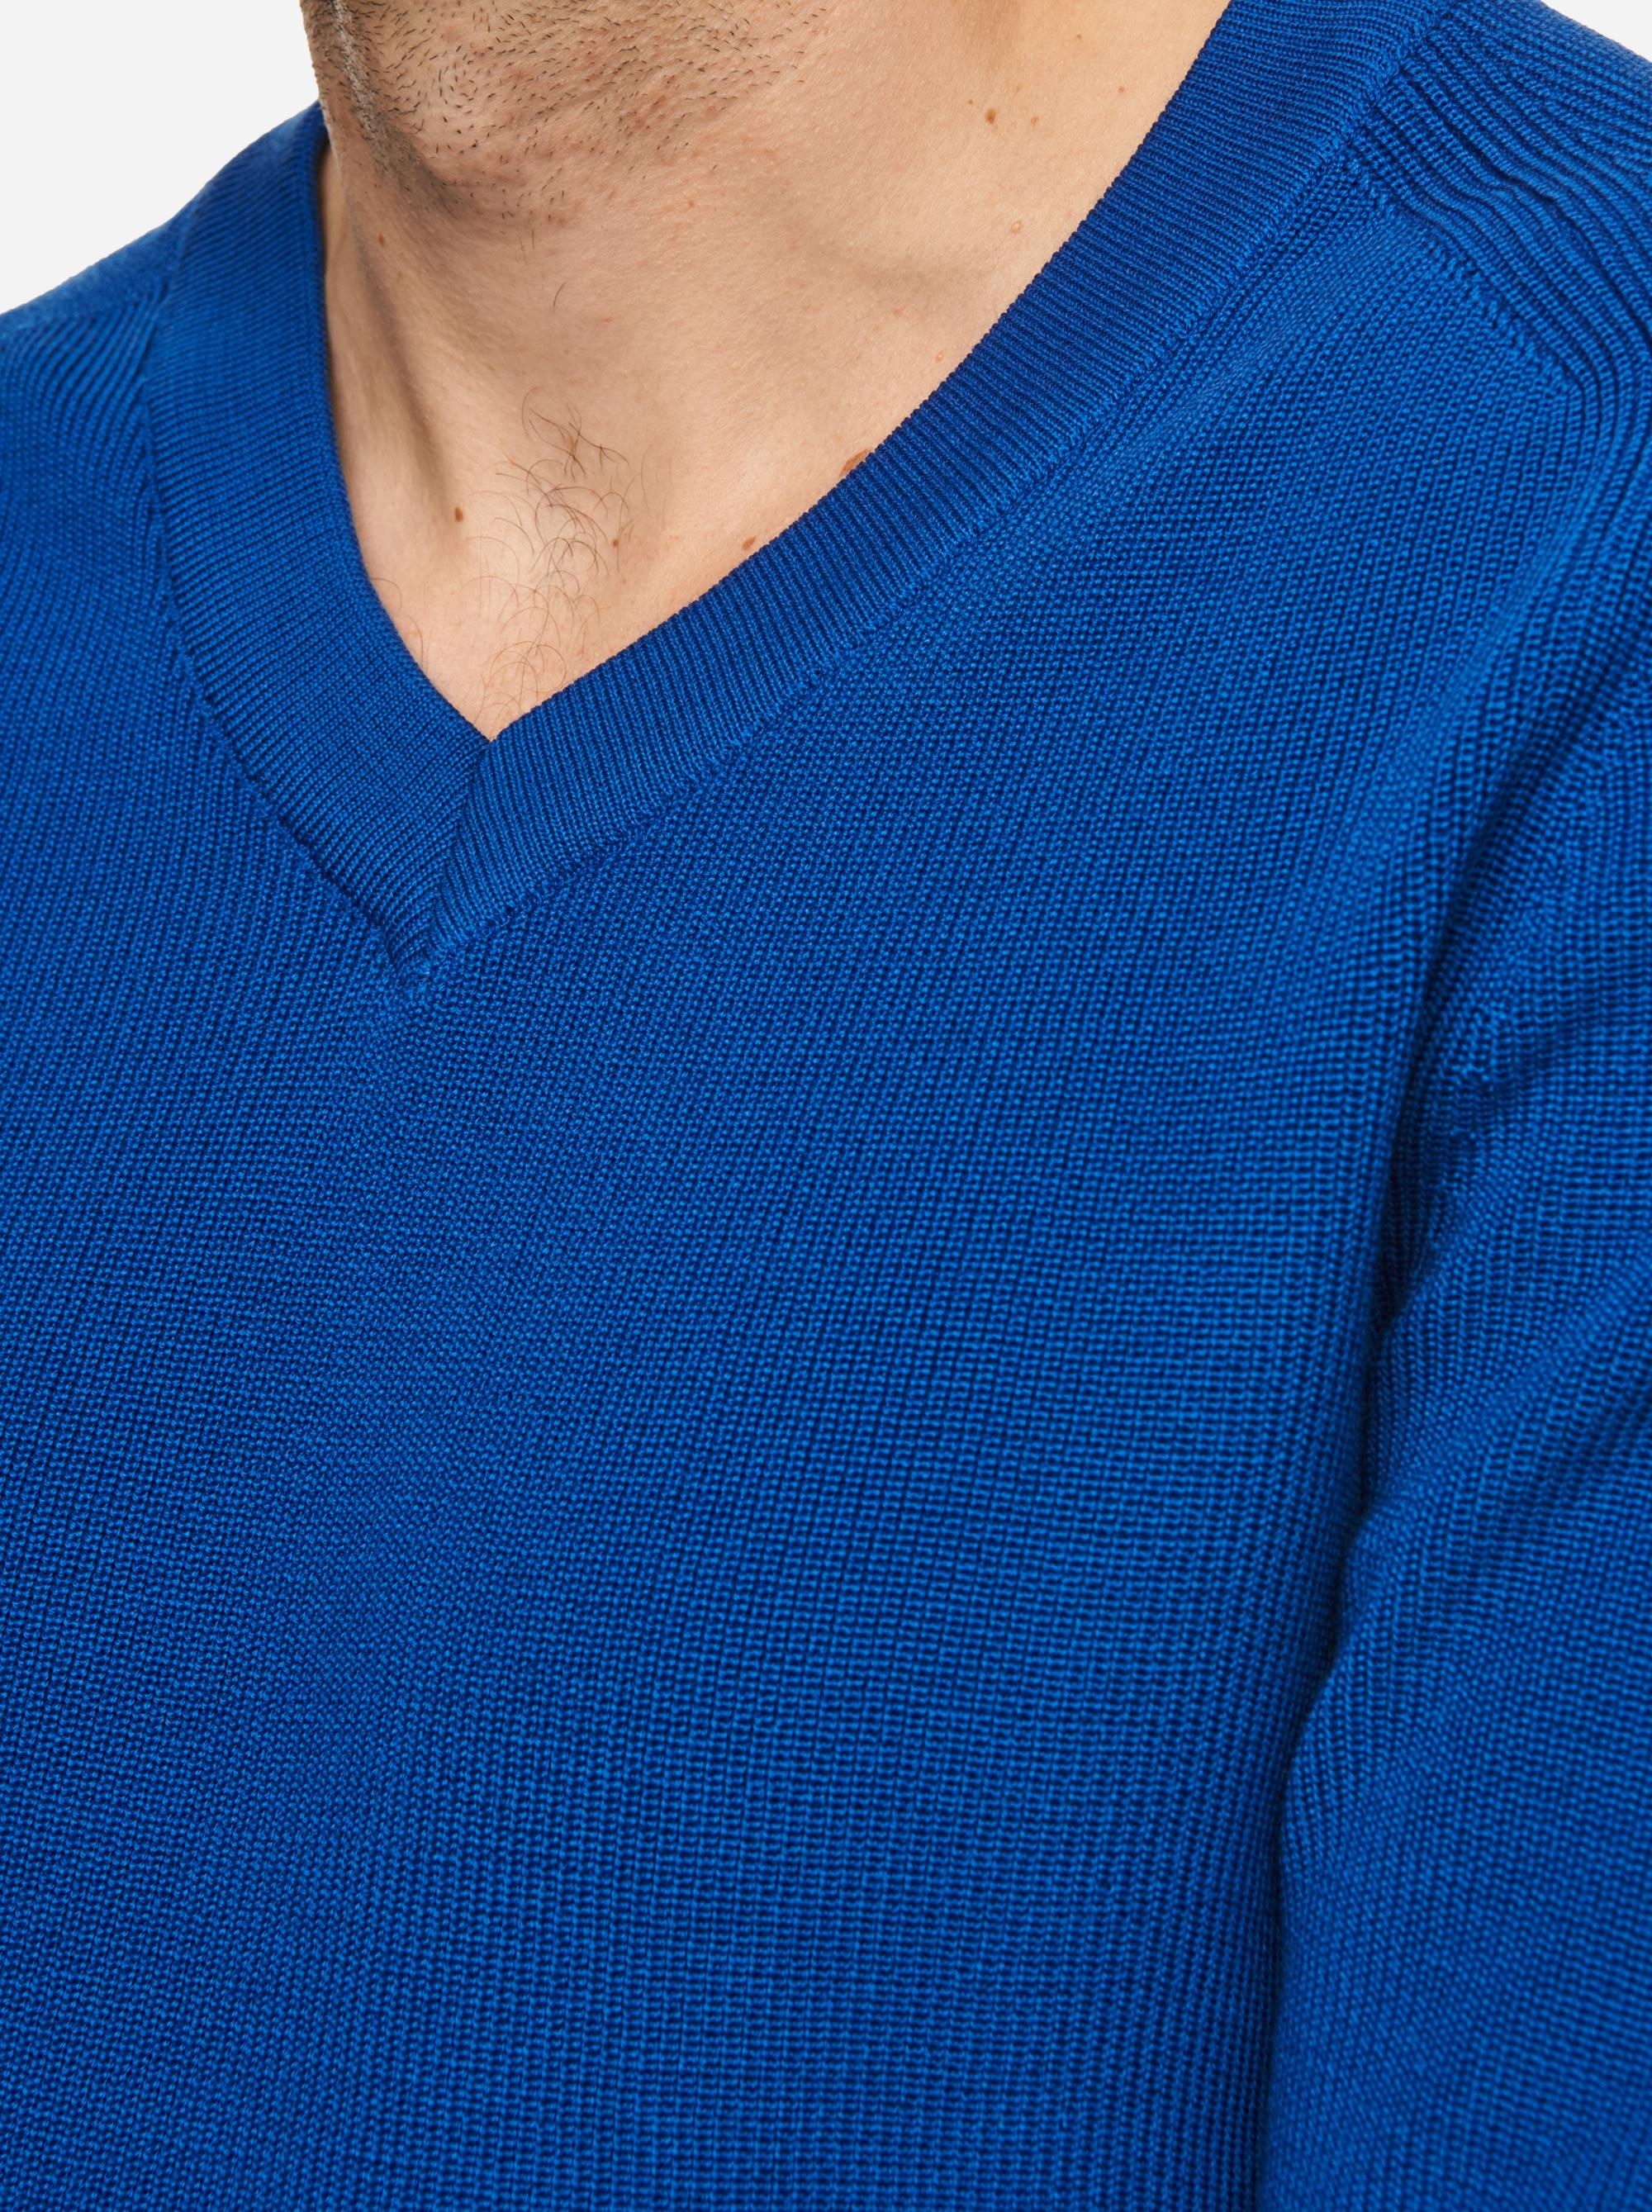 Teym - V-Neck - The Merino Sweater - Men - Cobalt blue - 3